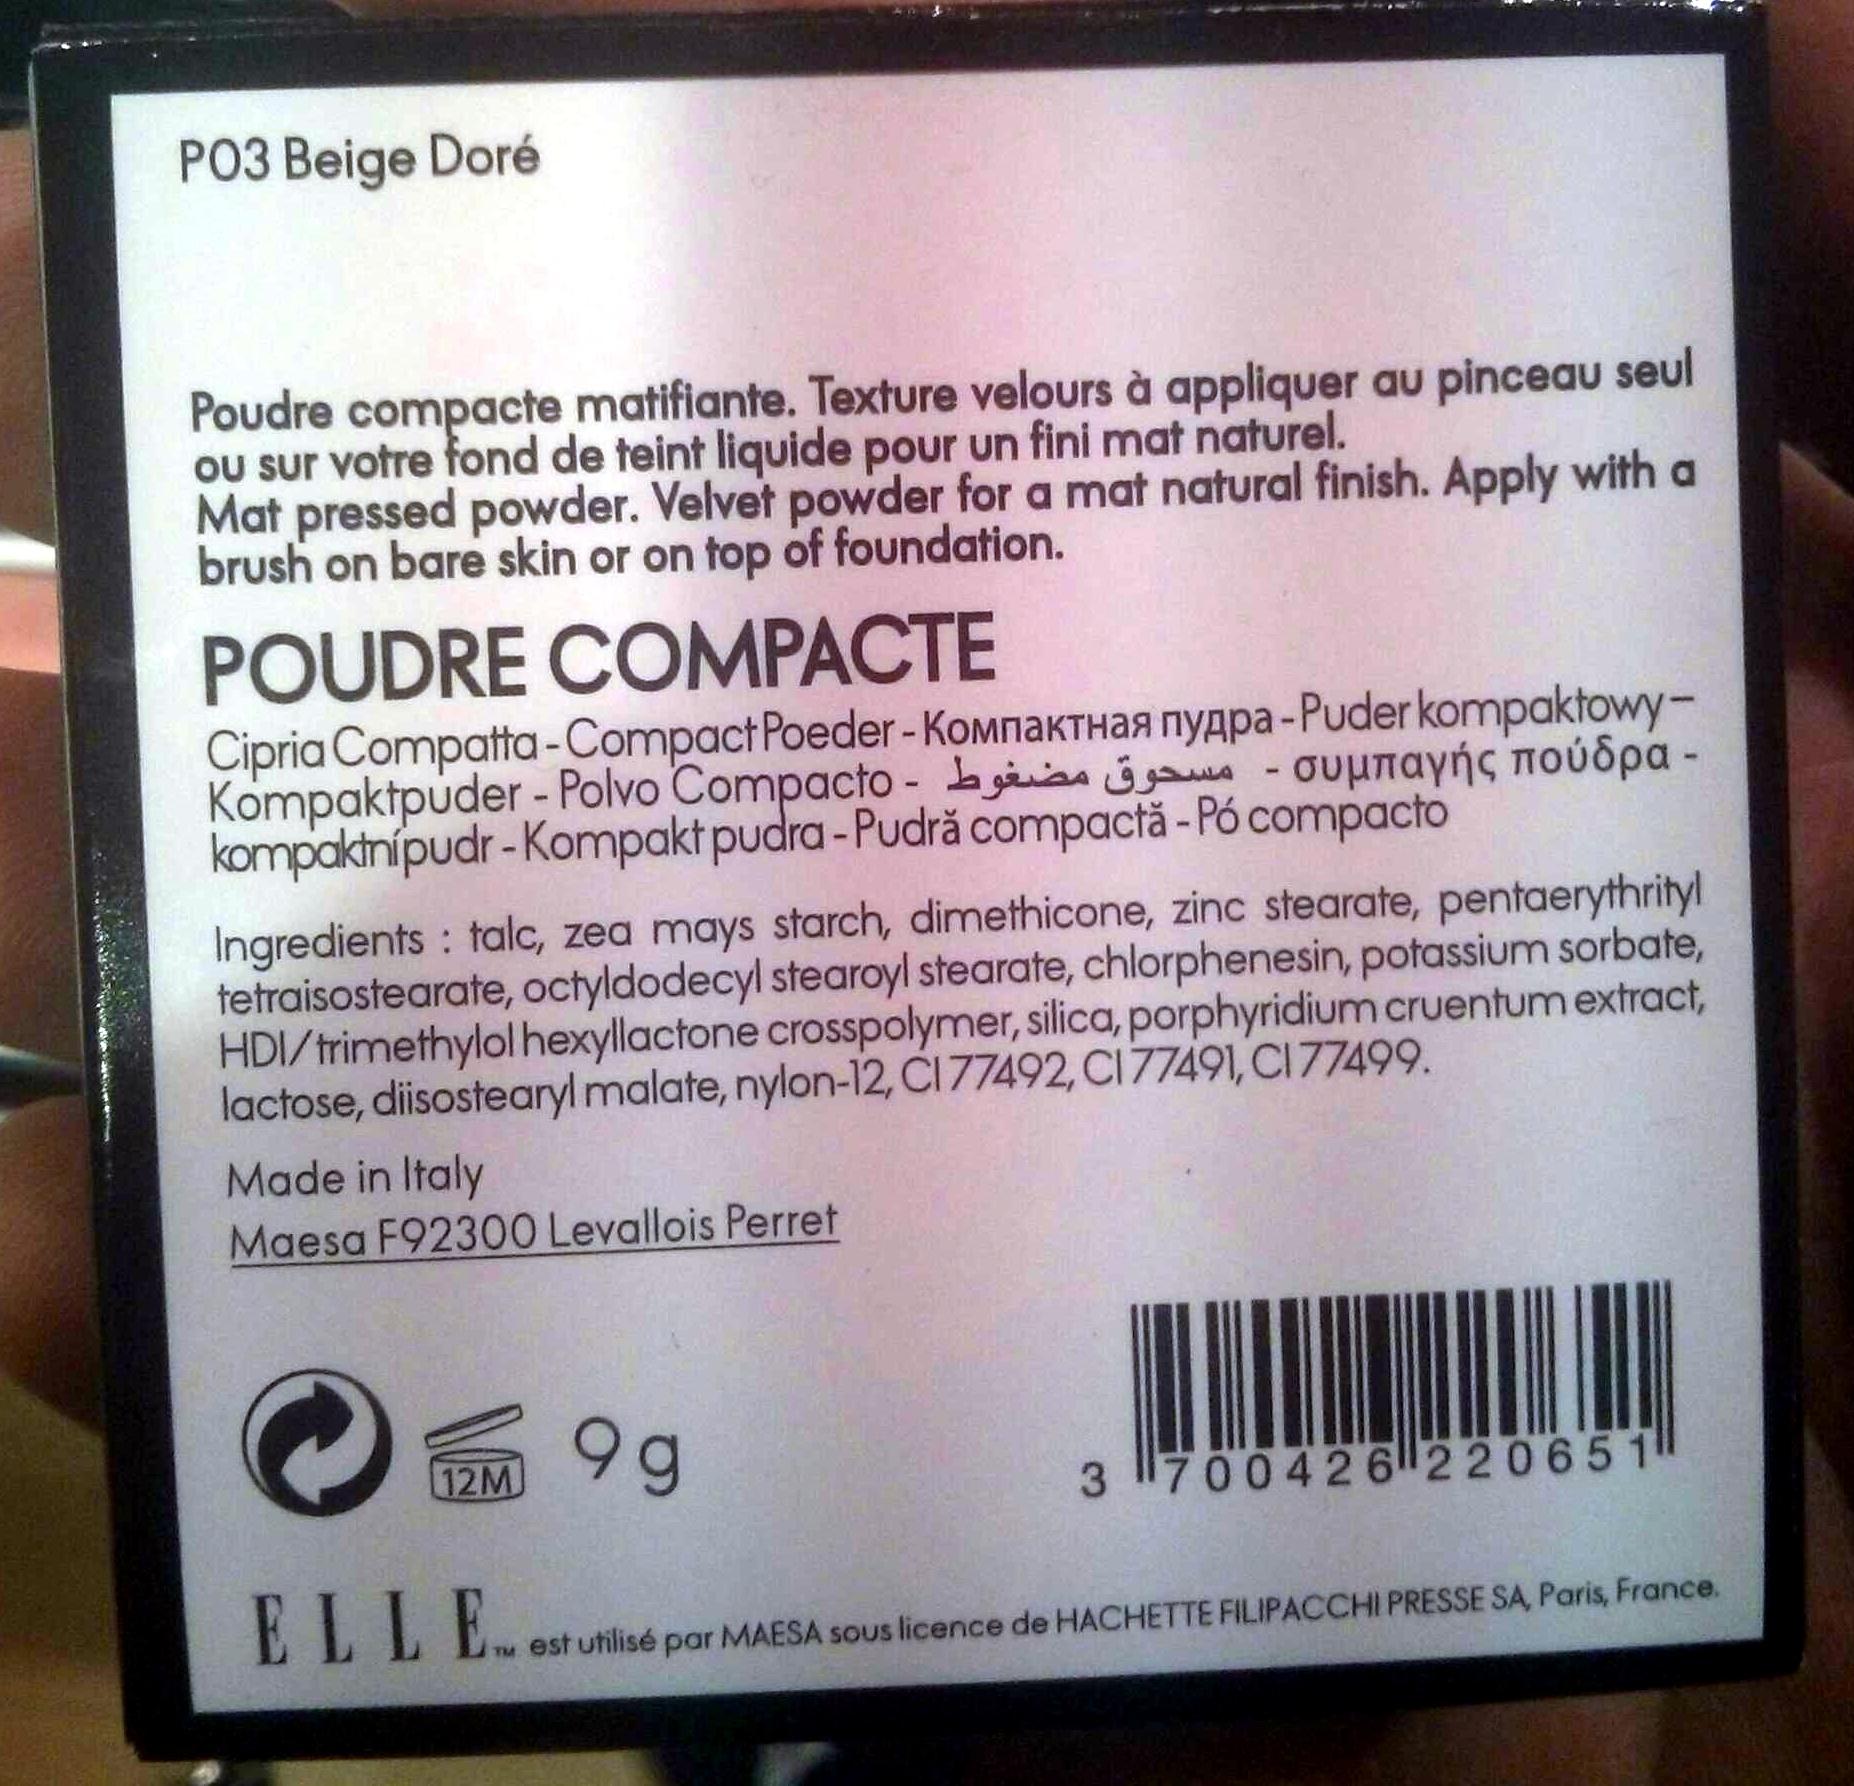 Poudre compacte P03 beige doré - Product - fr